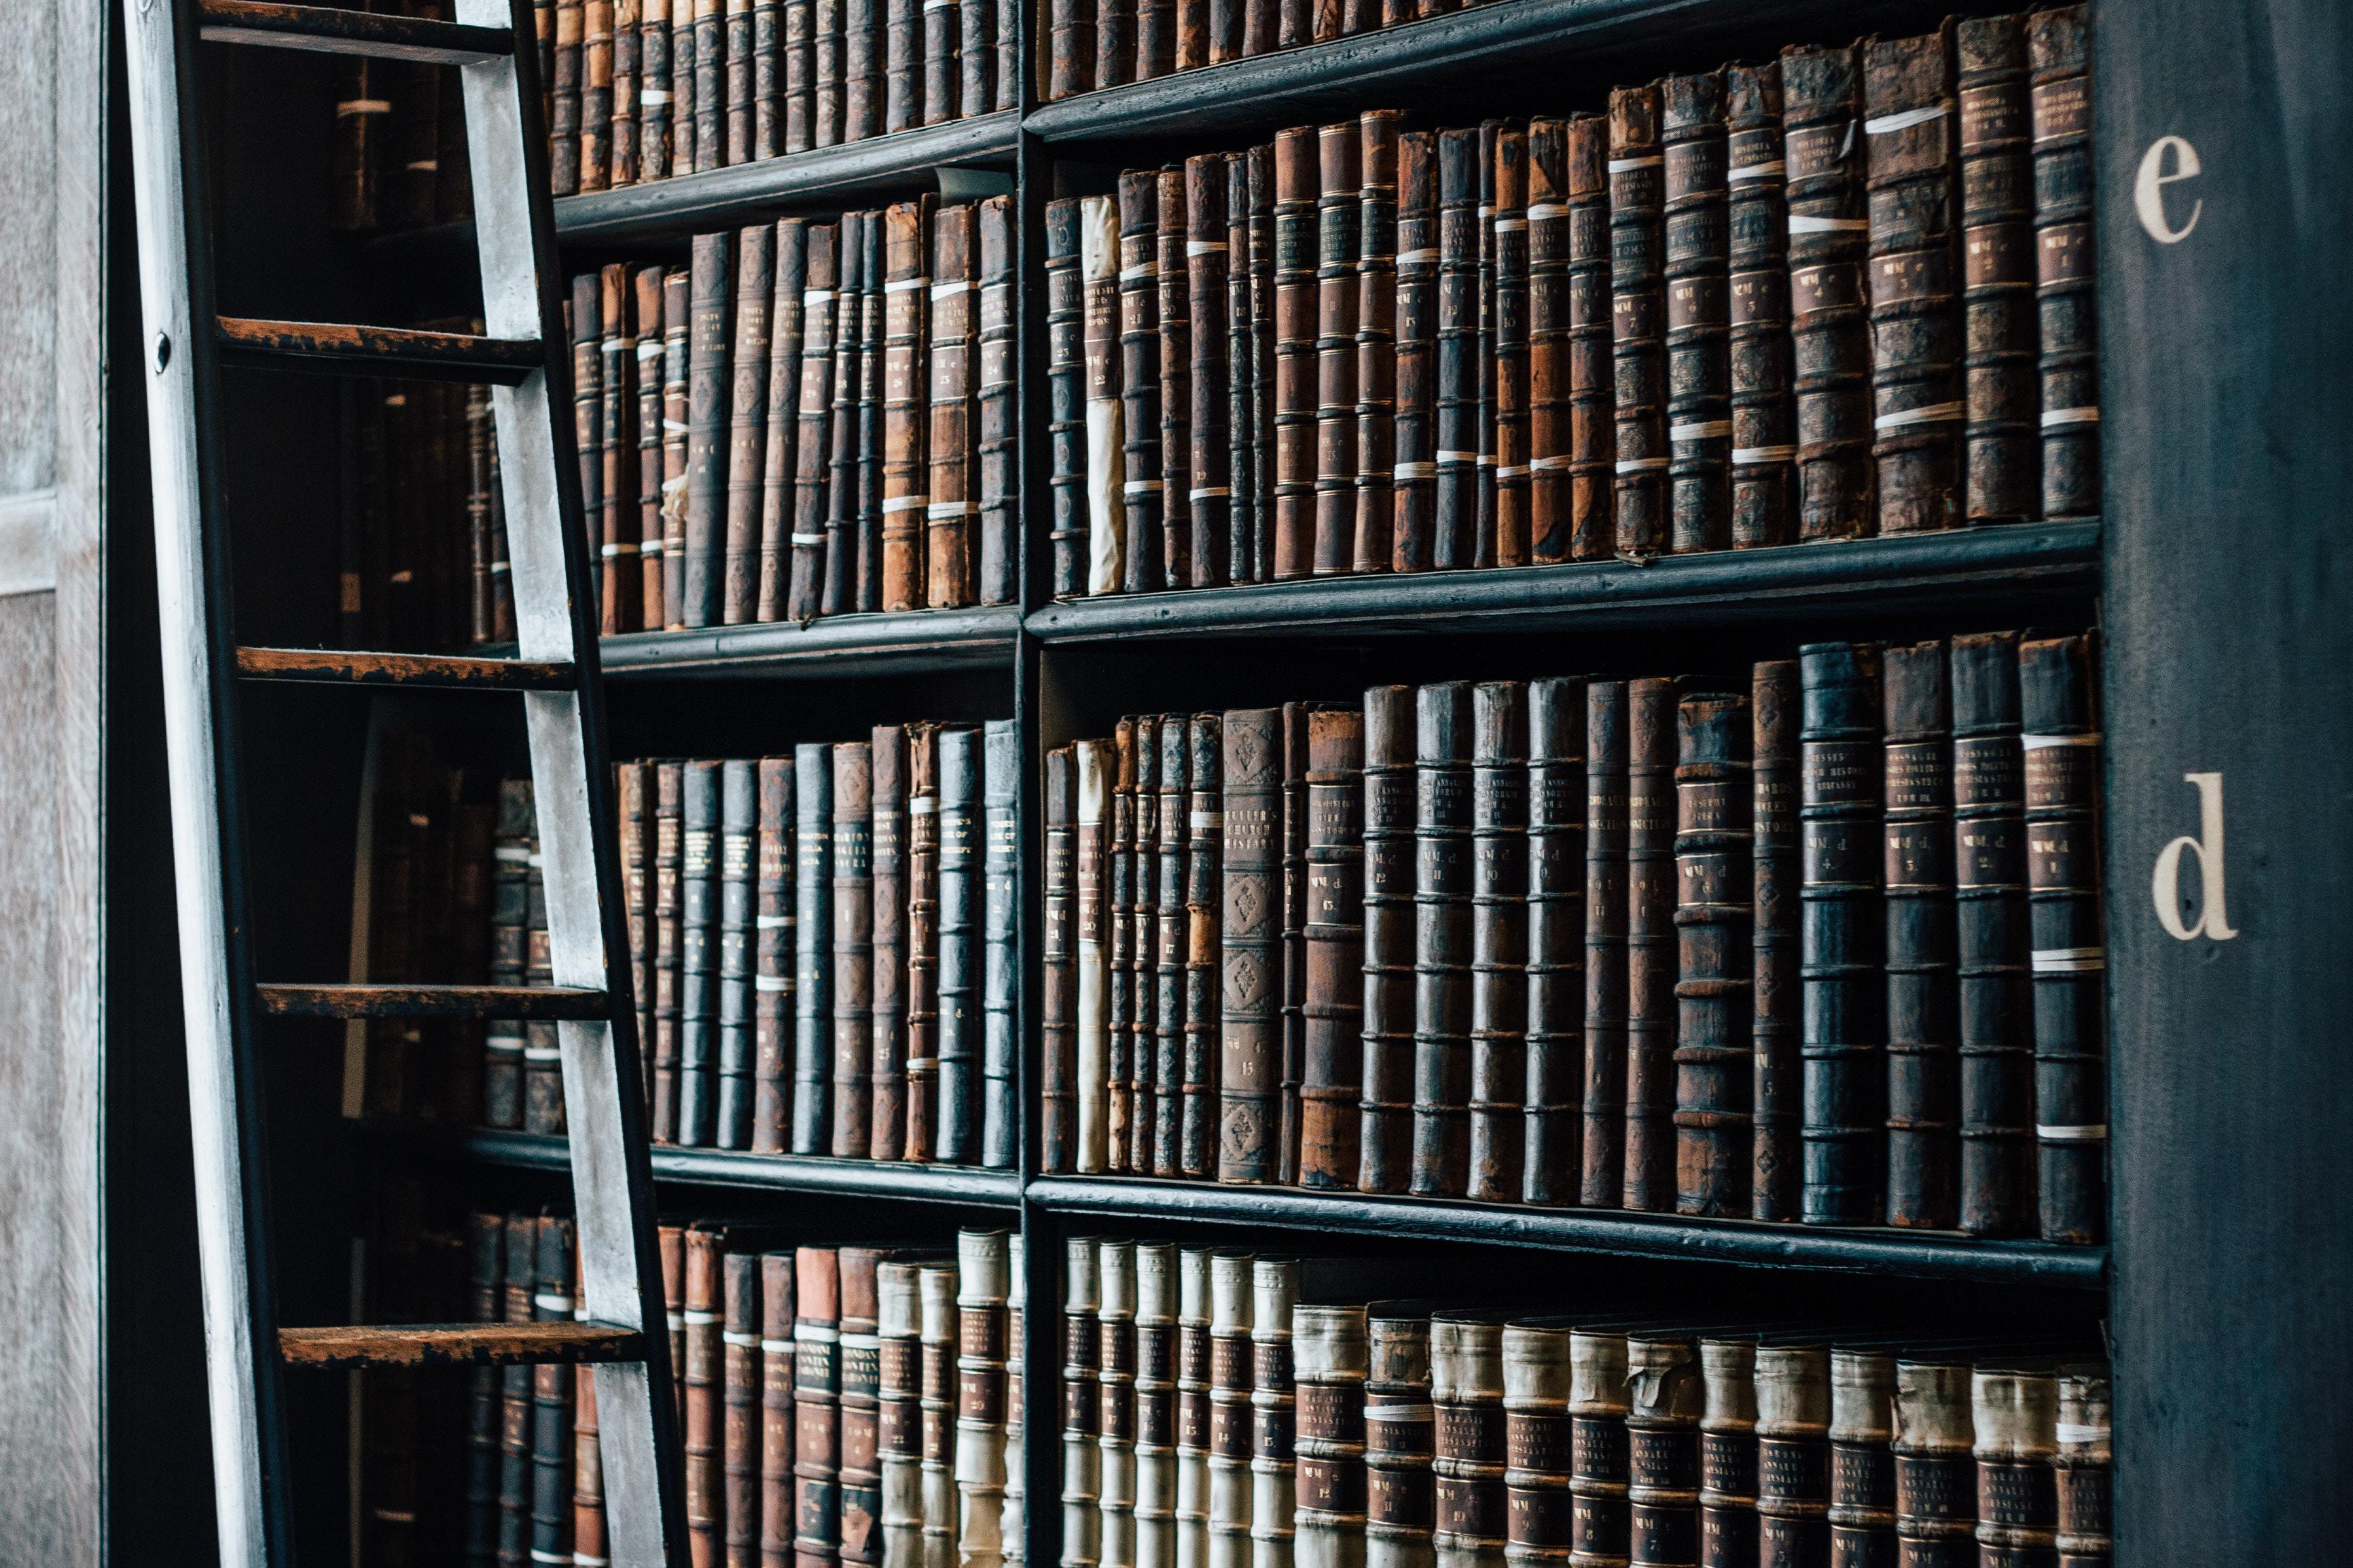 91963 Hintergrundbild herunterladen Bücher, Verschiedenes, Sonstige, Sammlung, Auflistung, Bibliothek, Regale - Bildschirmschoner und Bilder kostenlos